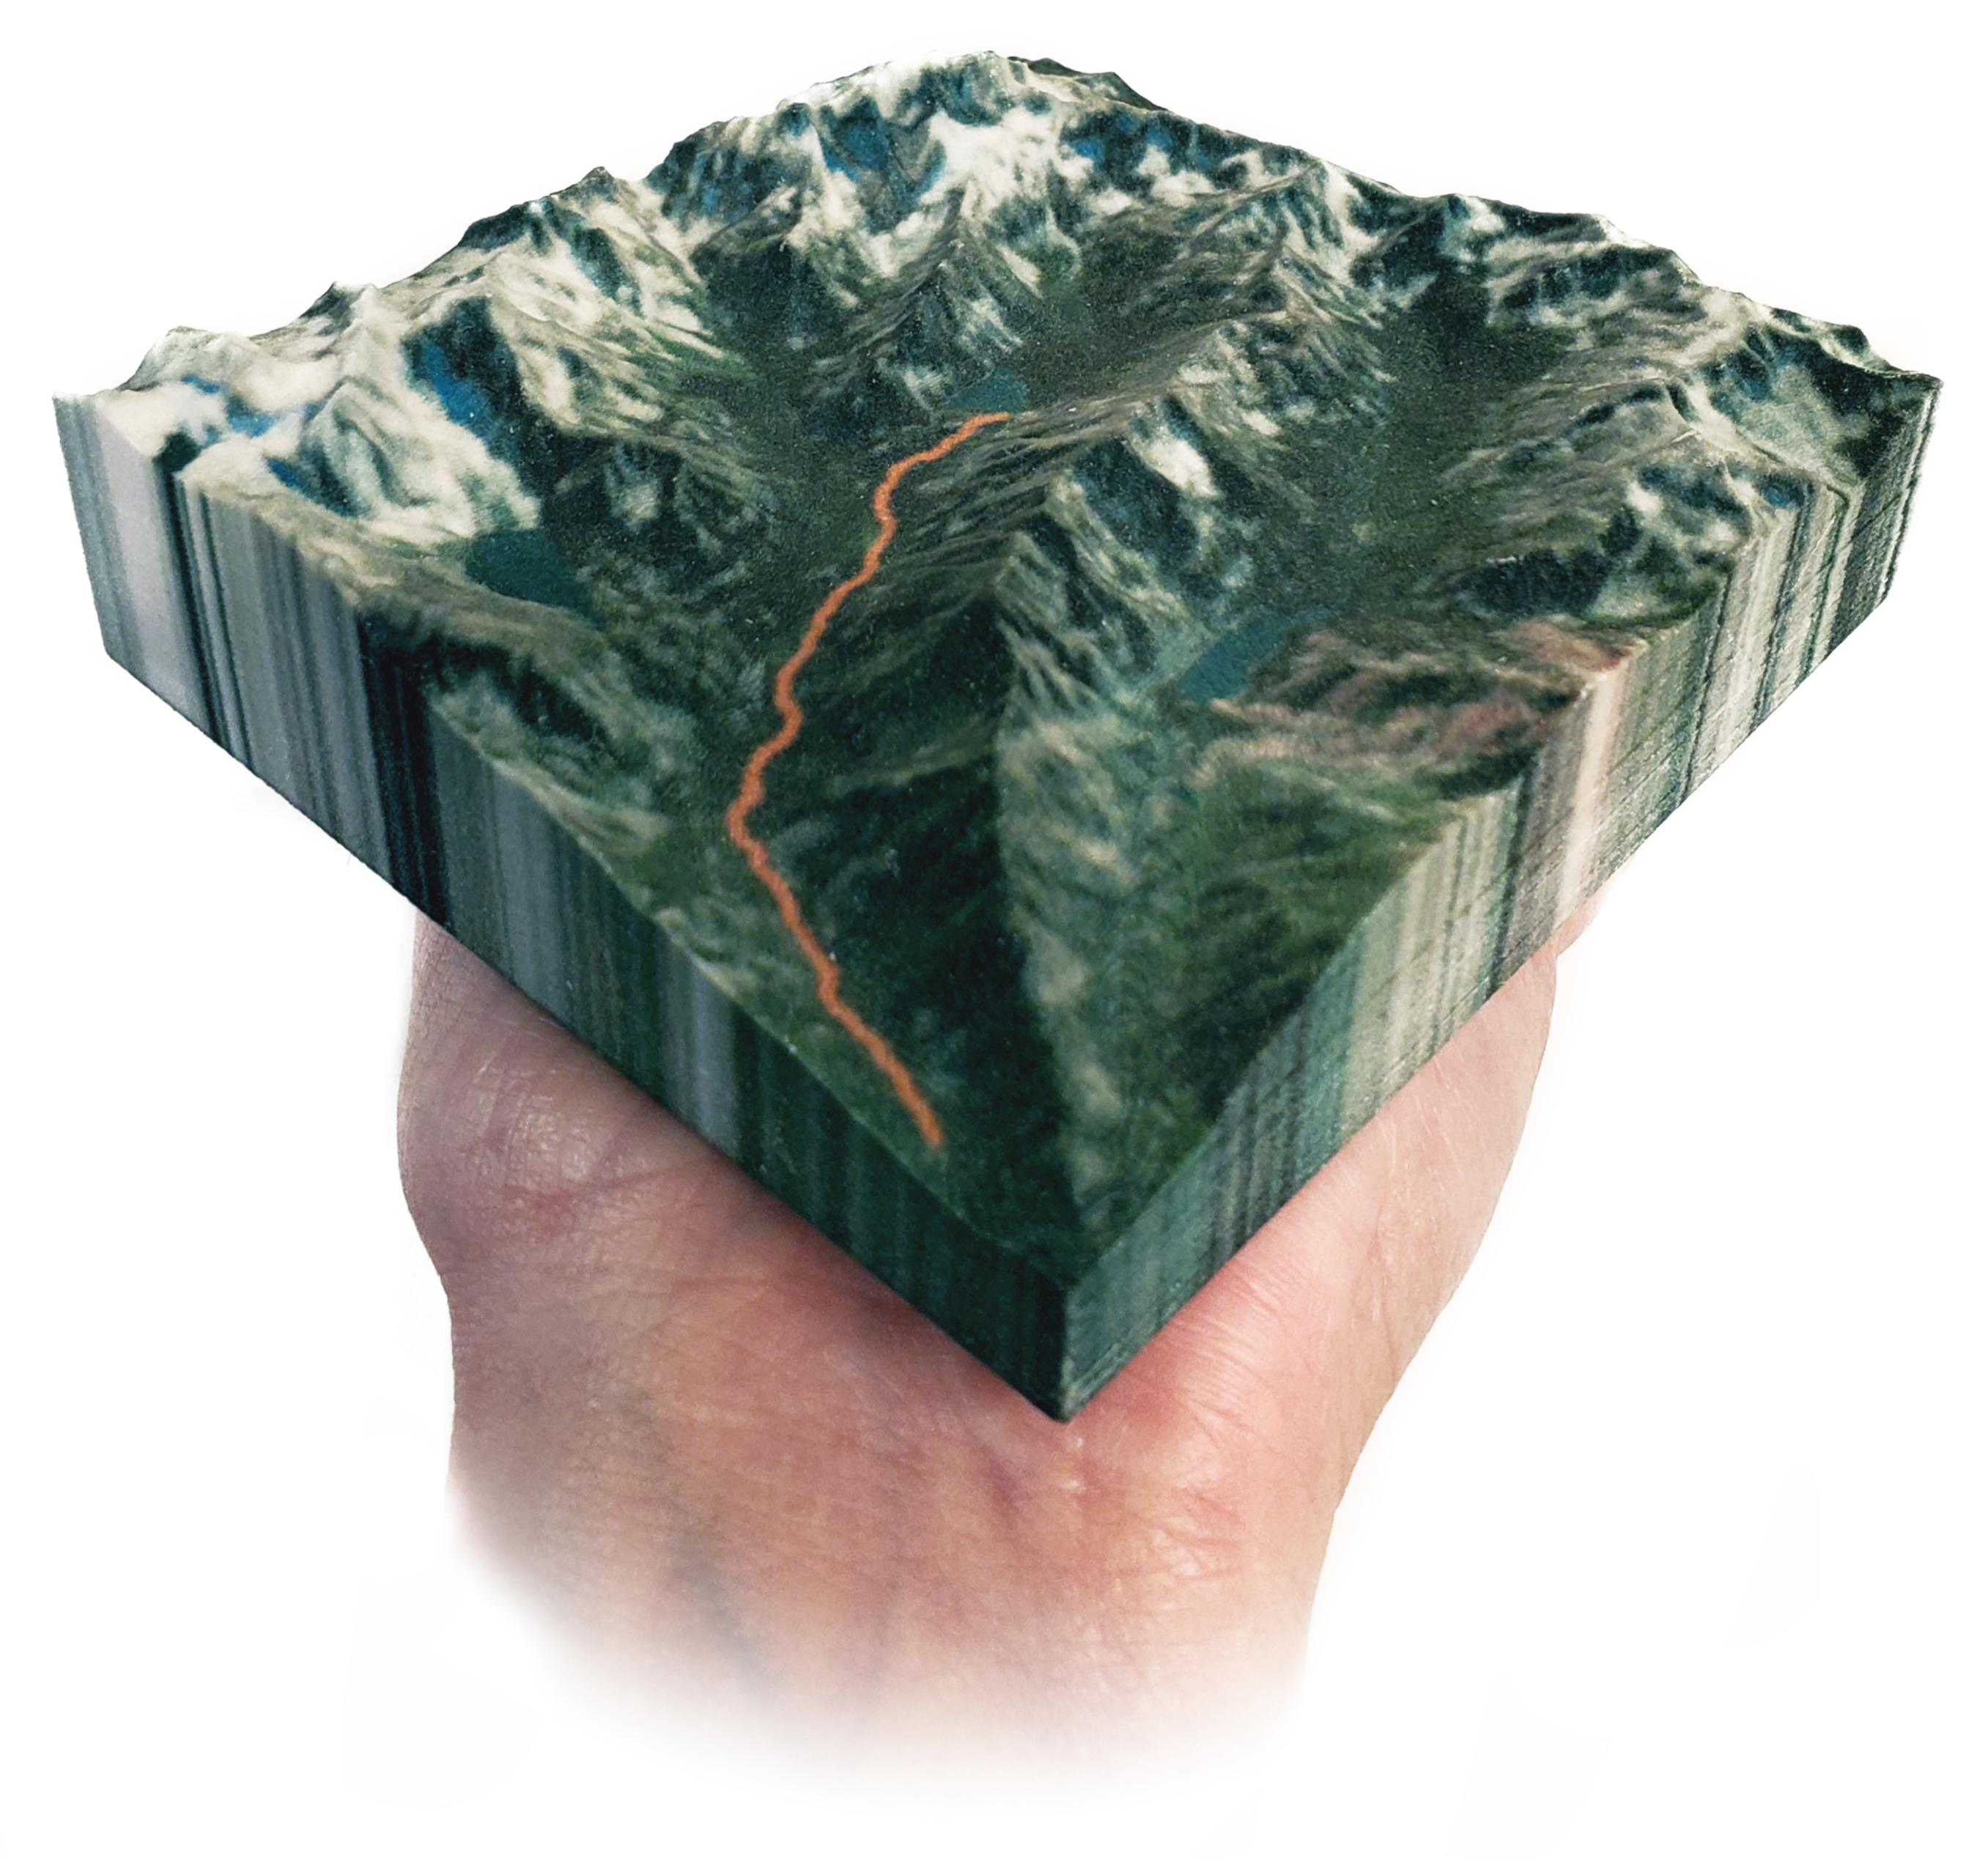 3D-printed map